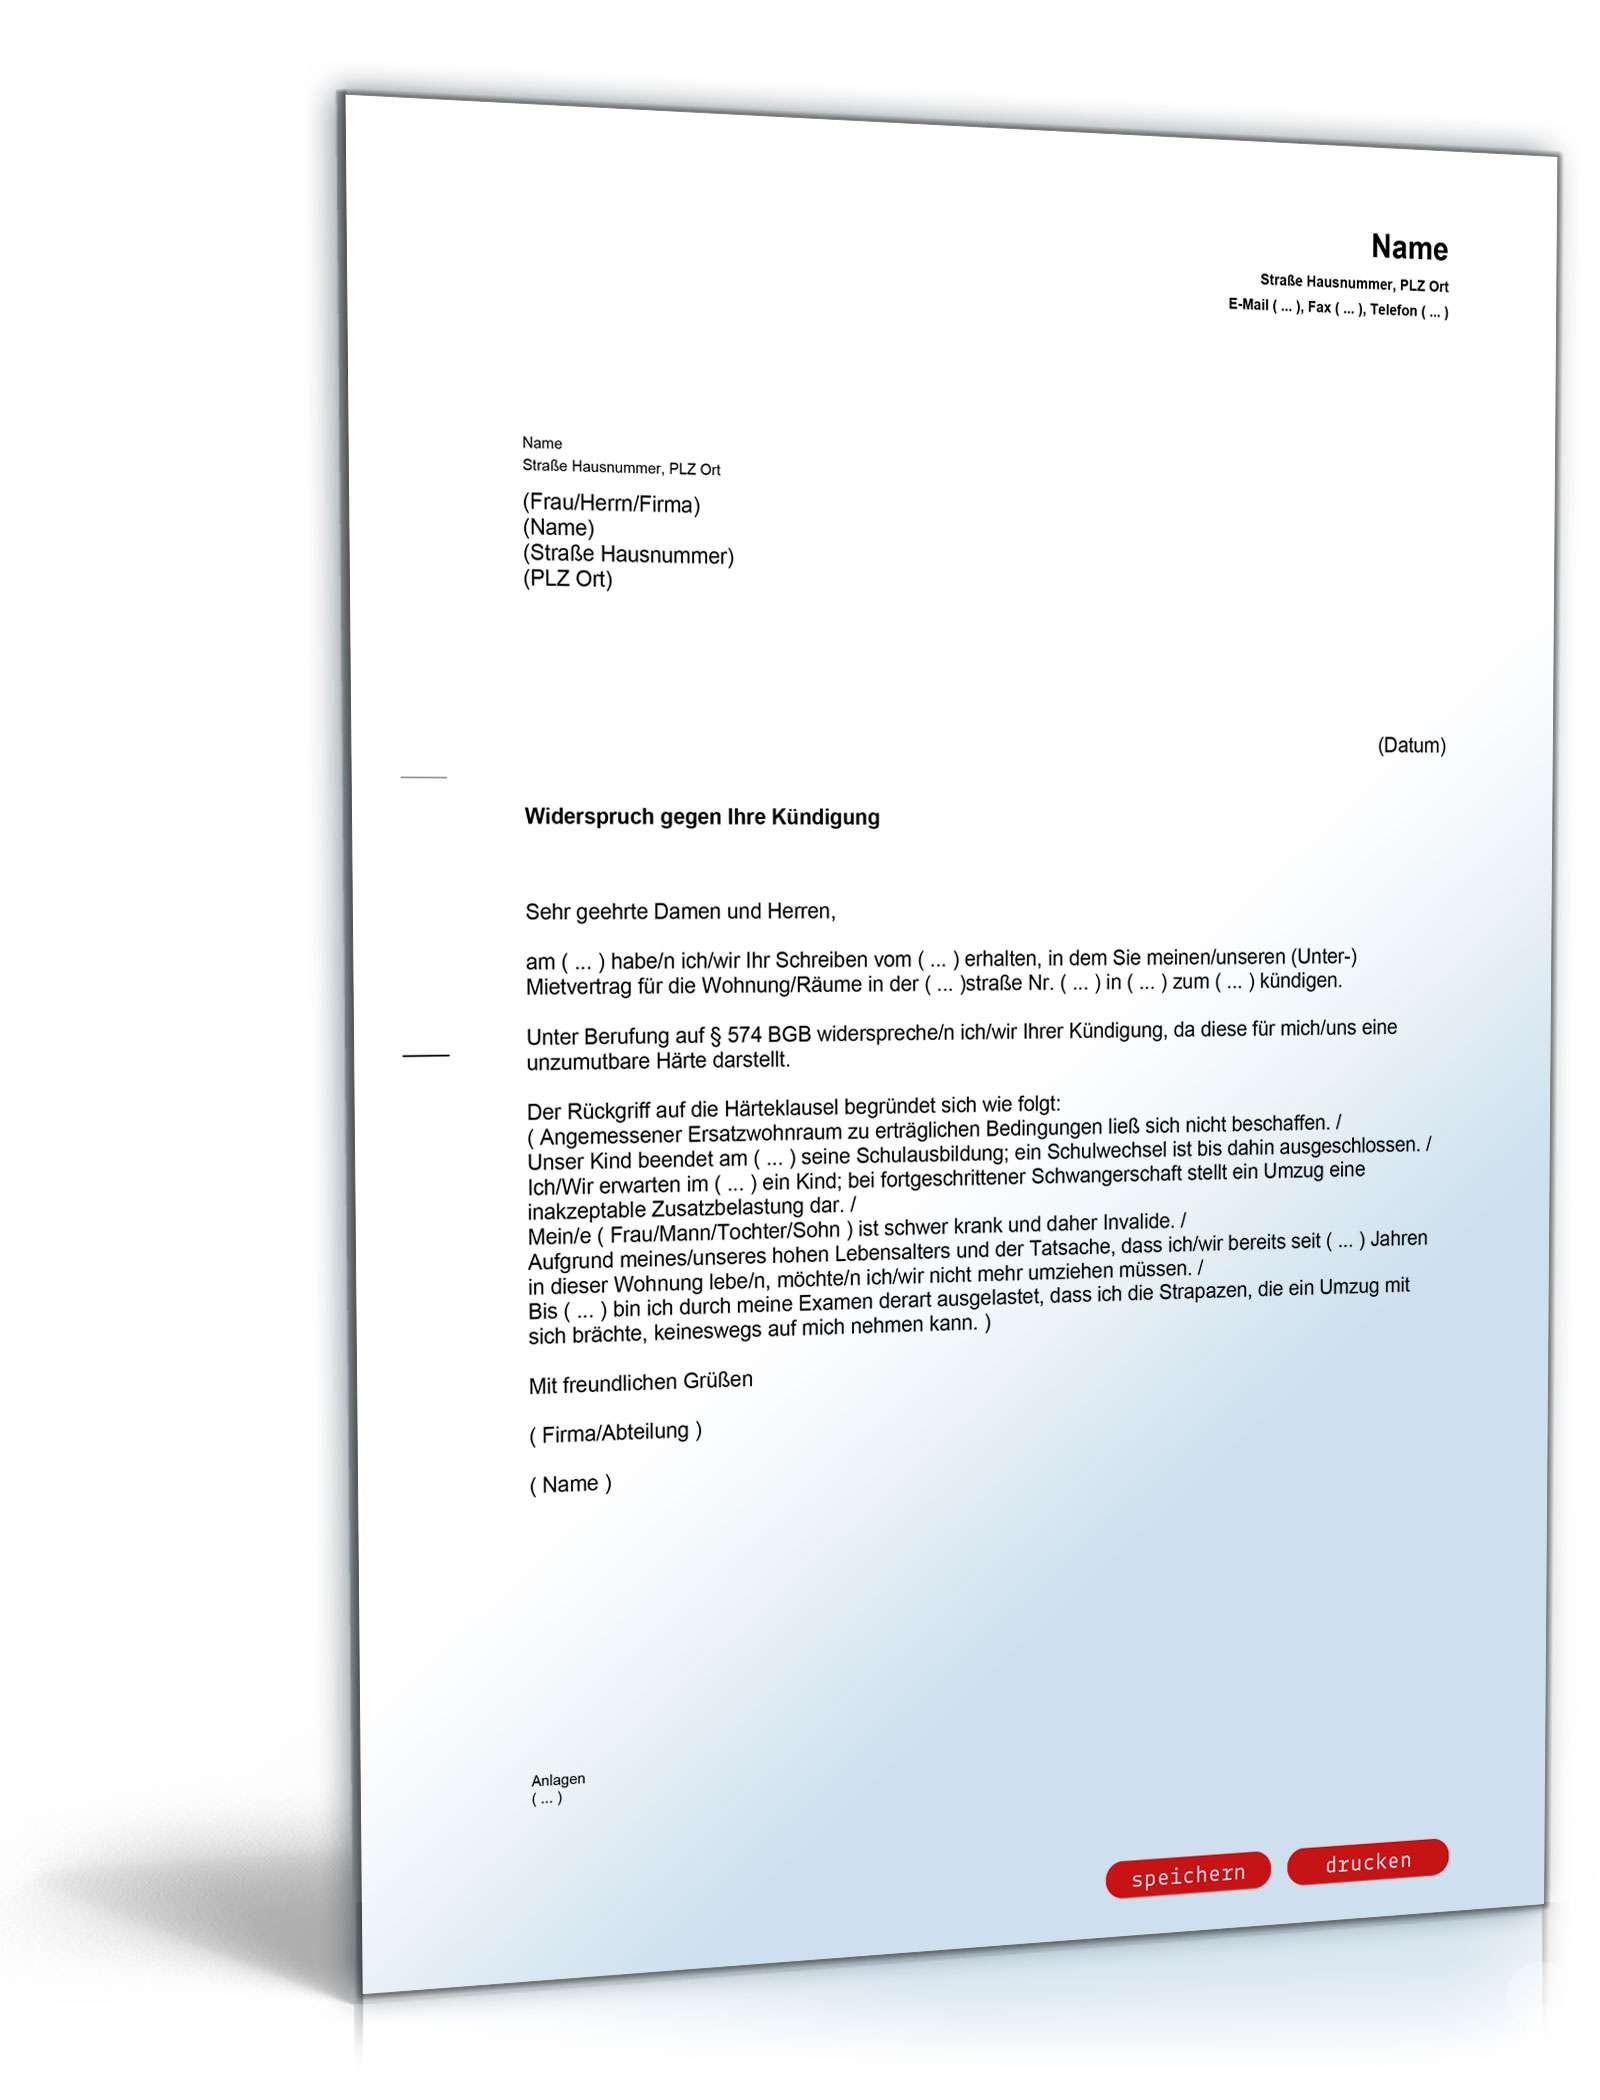 Widerspruch Unzumutbare Kündigung Mietvertrag Muster Zum Download